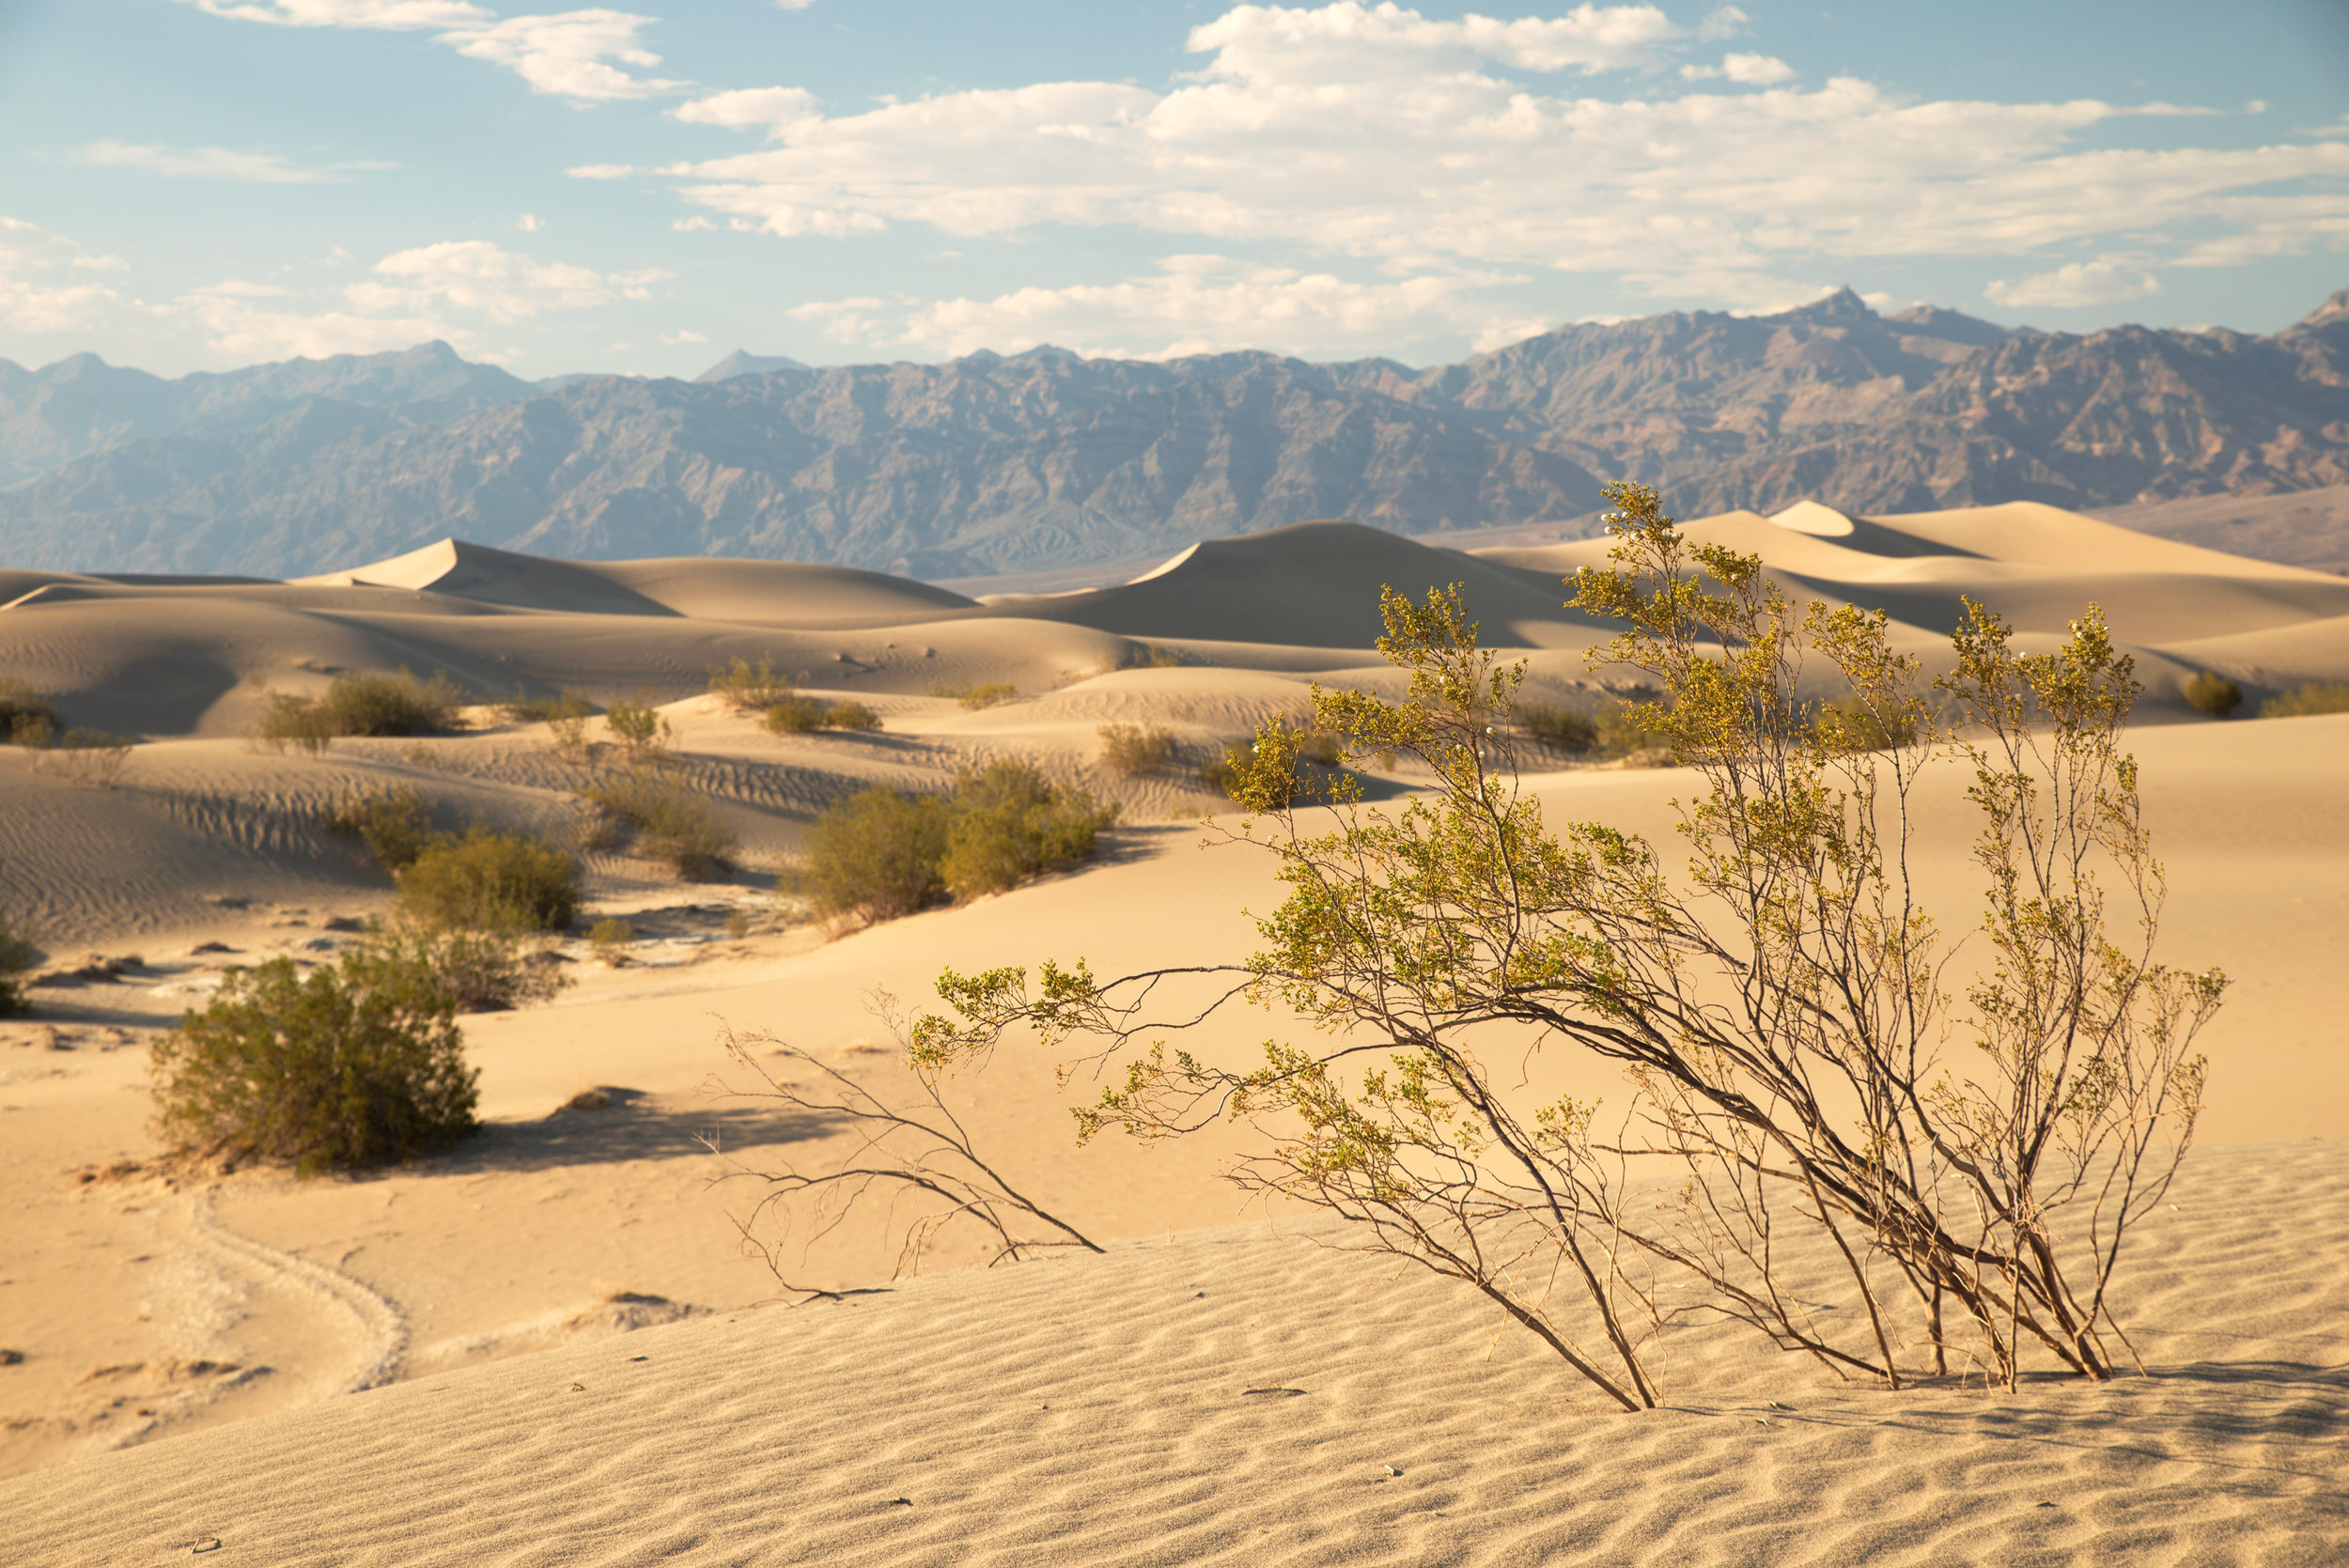 20170622_30_Trip_Death_Valley_Sand_Dunes_010.jpg